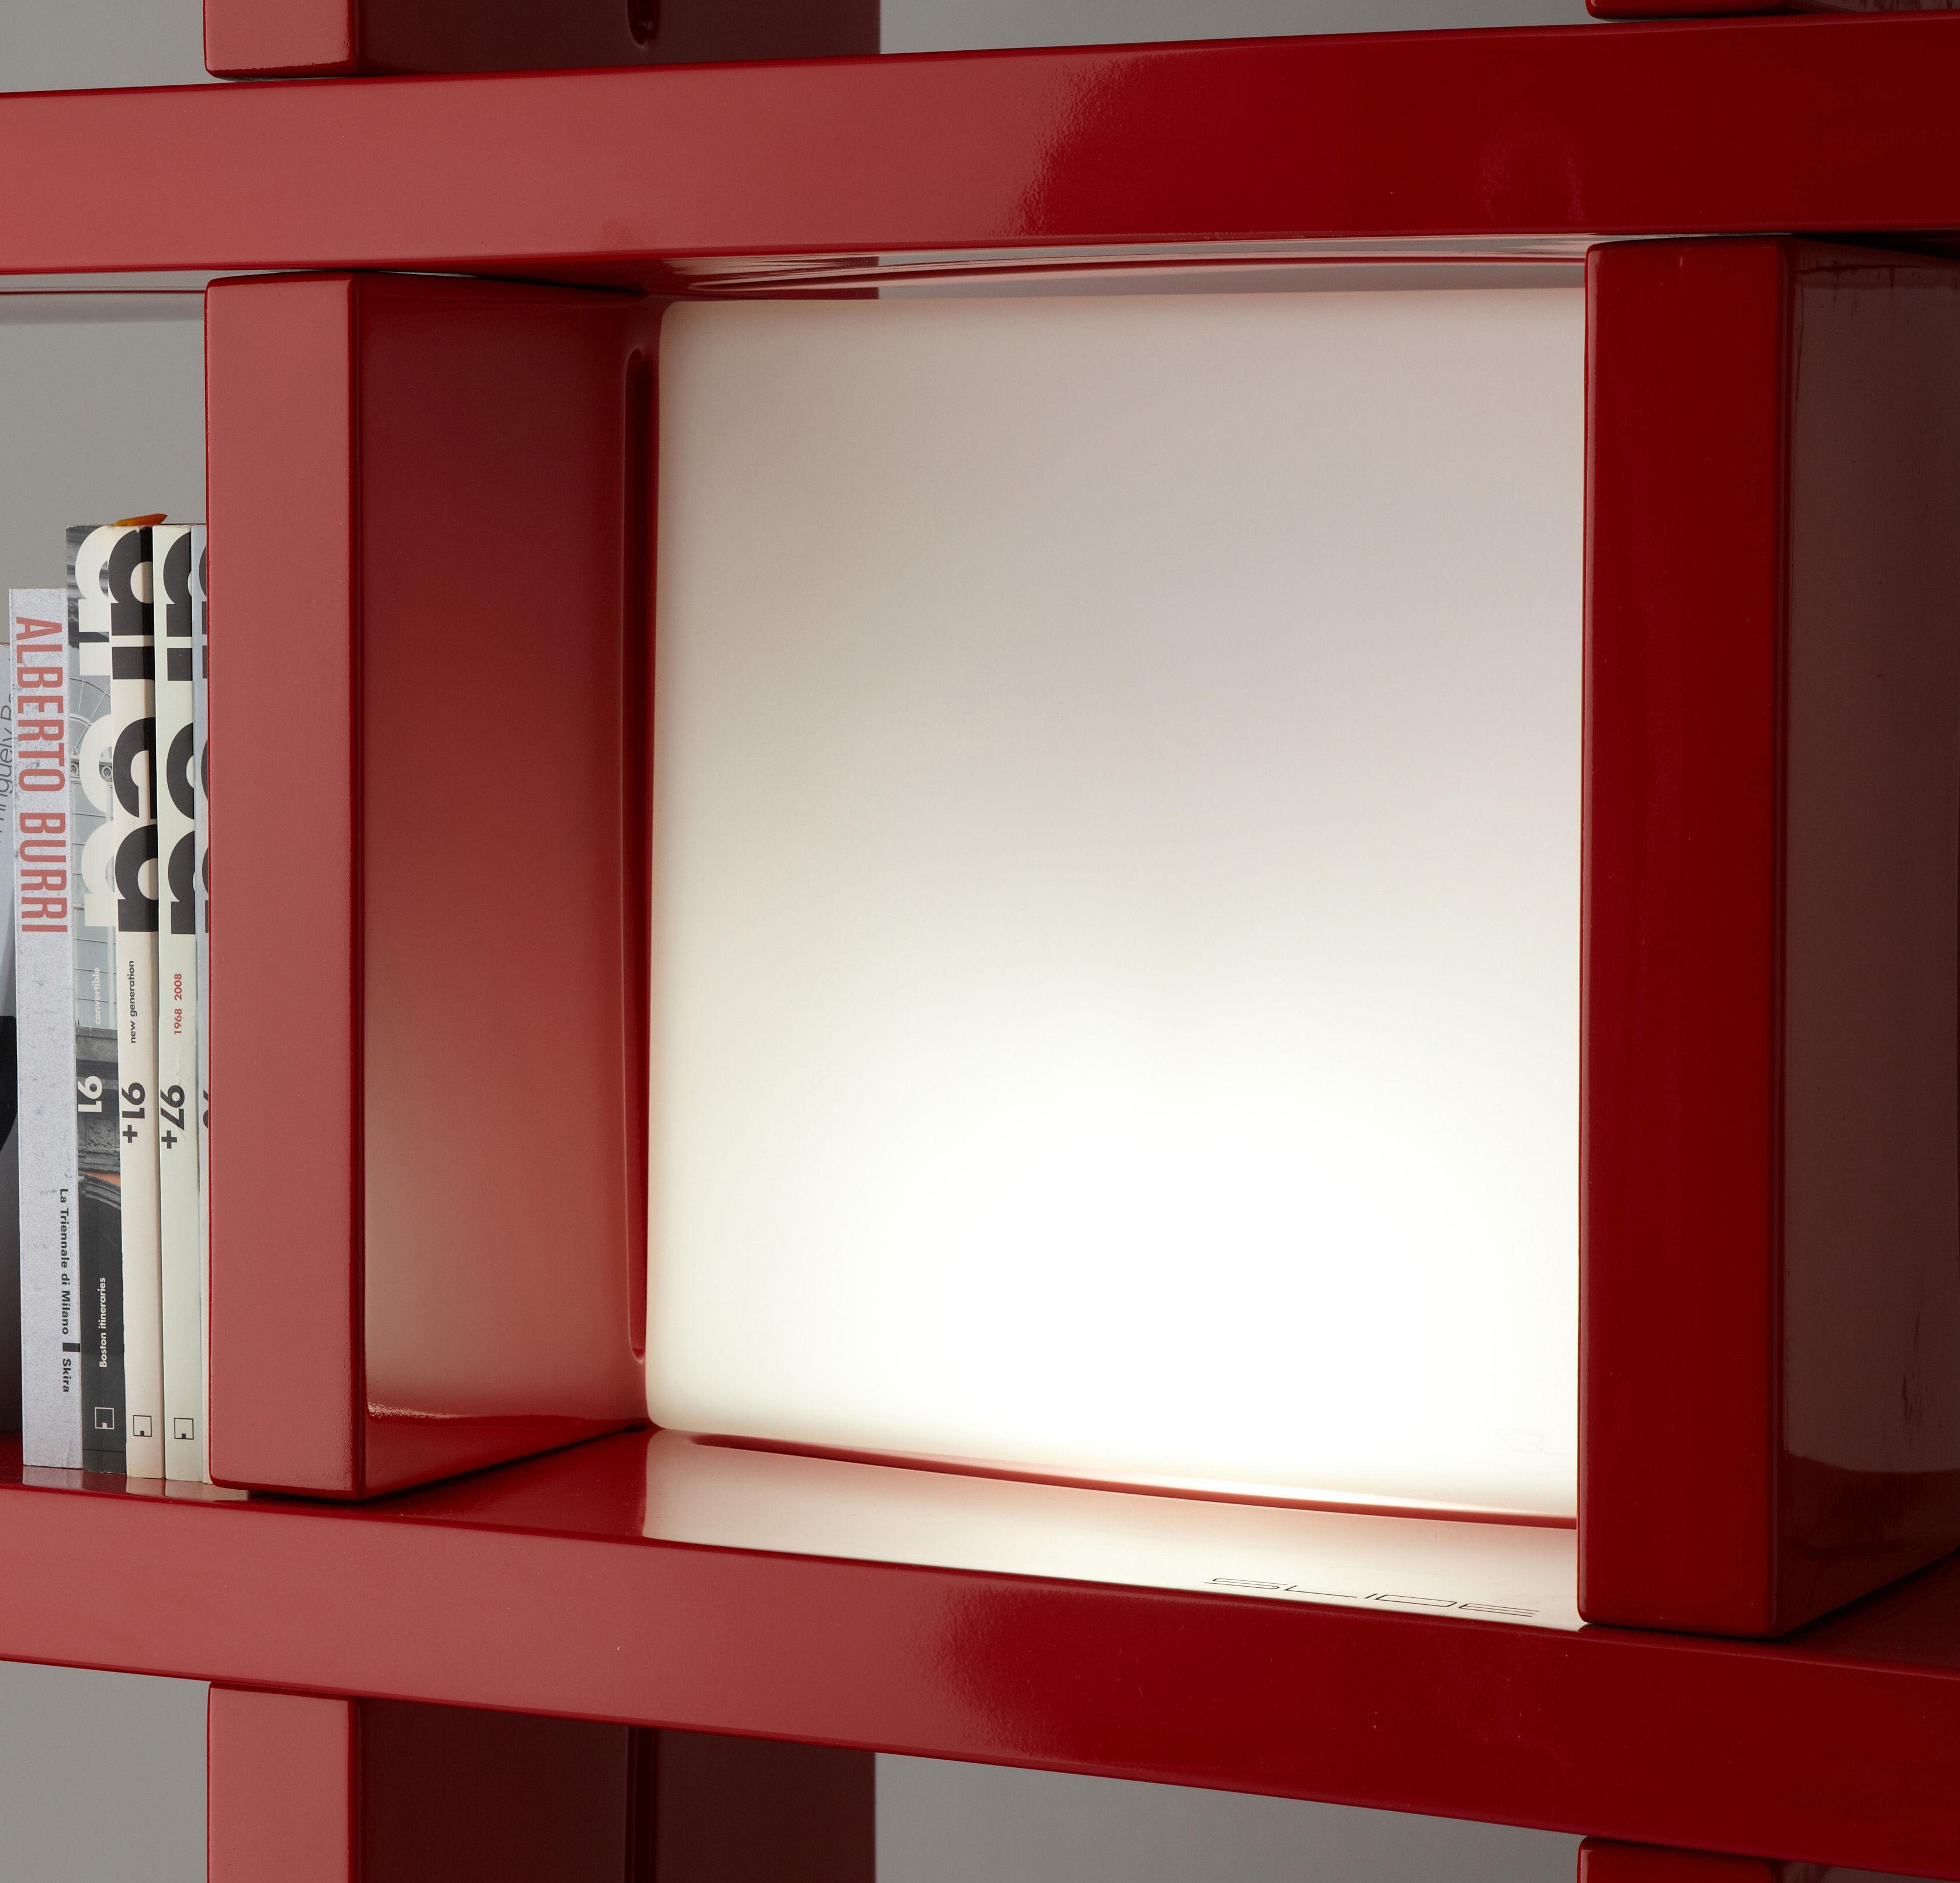 Luminaire - Lampes de table - Lampe Quadro / Cube lumineux 40 x 40 cm / Pour bibliothèque - Slide - Blanc - polyéthène recyclable